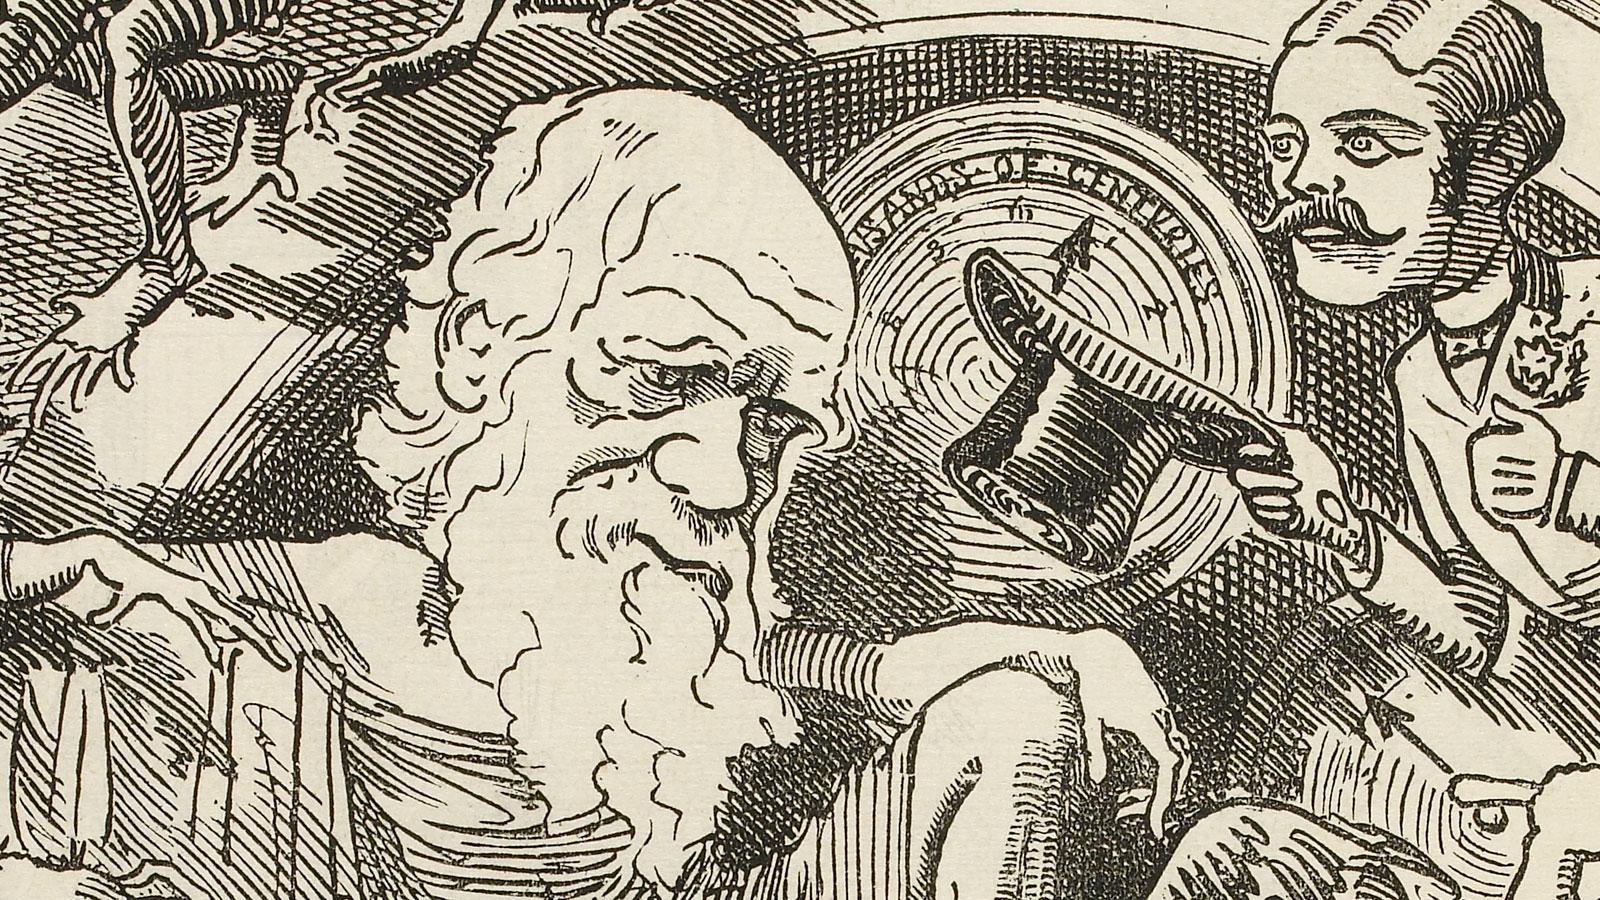 Post Darwin: social Darwinism, degeneration, eugenics